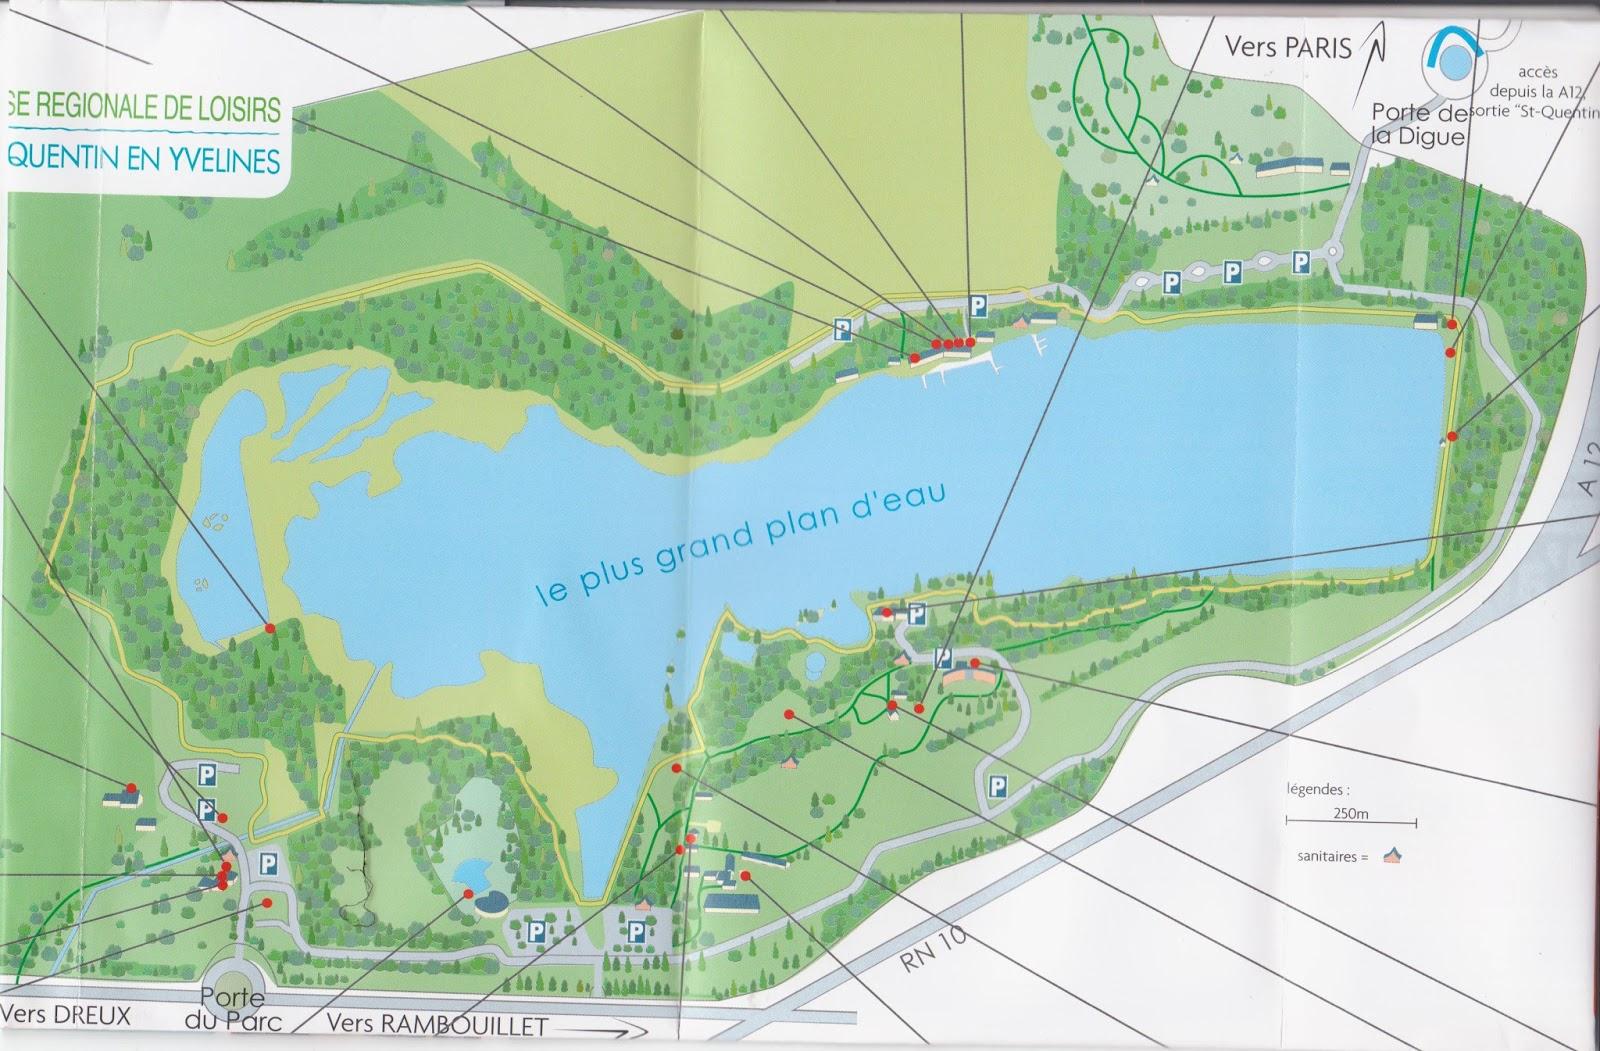 Adeve loisirs base nautique st quentin en yvelines for Centre de loisirs yvelines